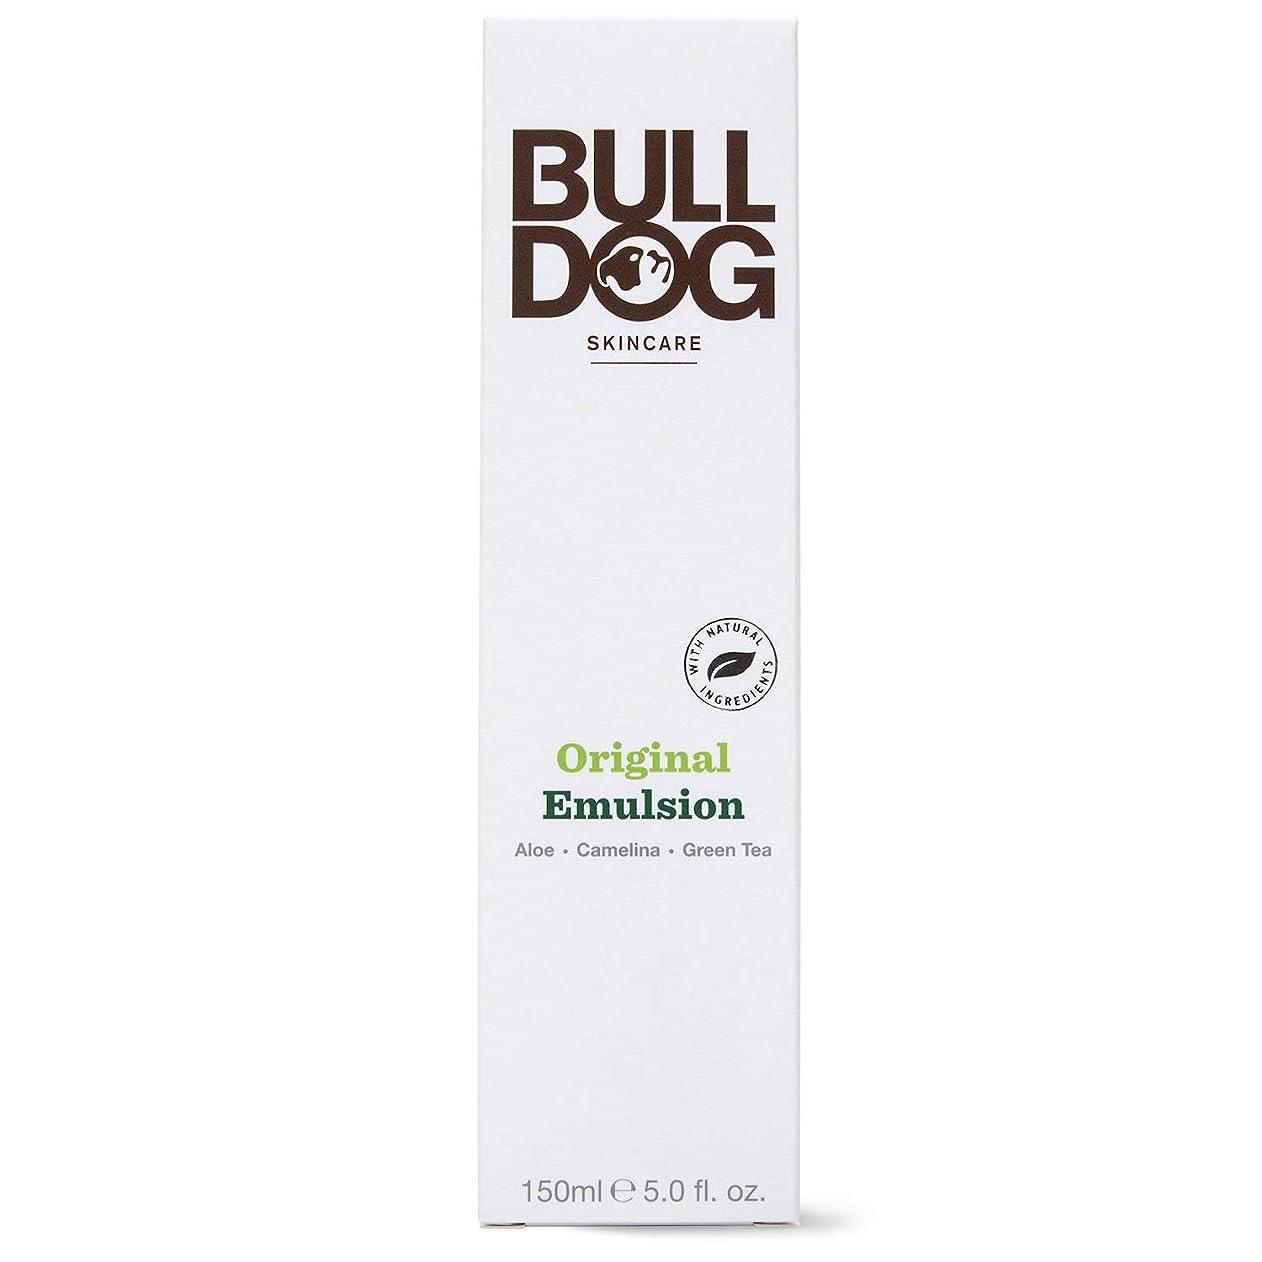 取り組む競合他社選手家具Bulldog(ブルドッグ) ブルドッグ Bulldog オリジナル エマルジョン 乳液 150ml 肌をすっきり なめらかに